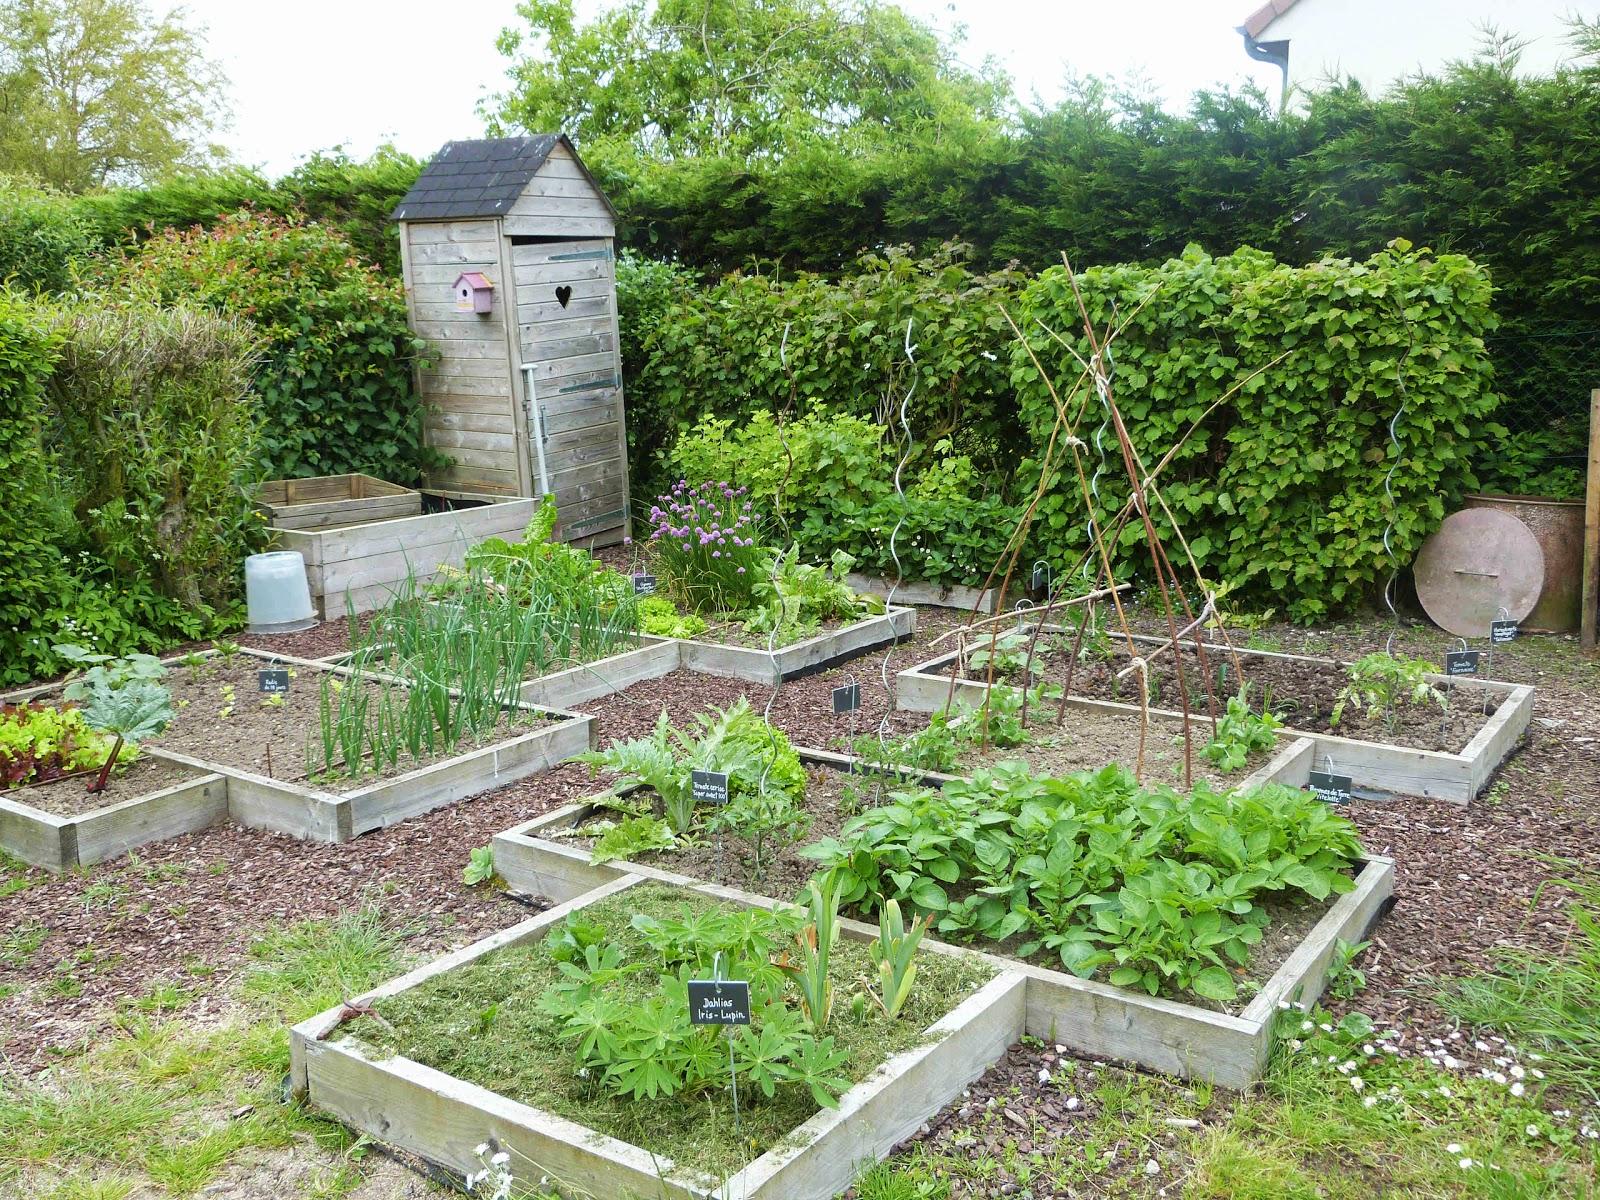 On verra au jardin le potager au fil des mois for Au jardin potager